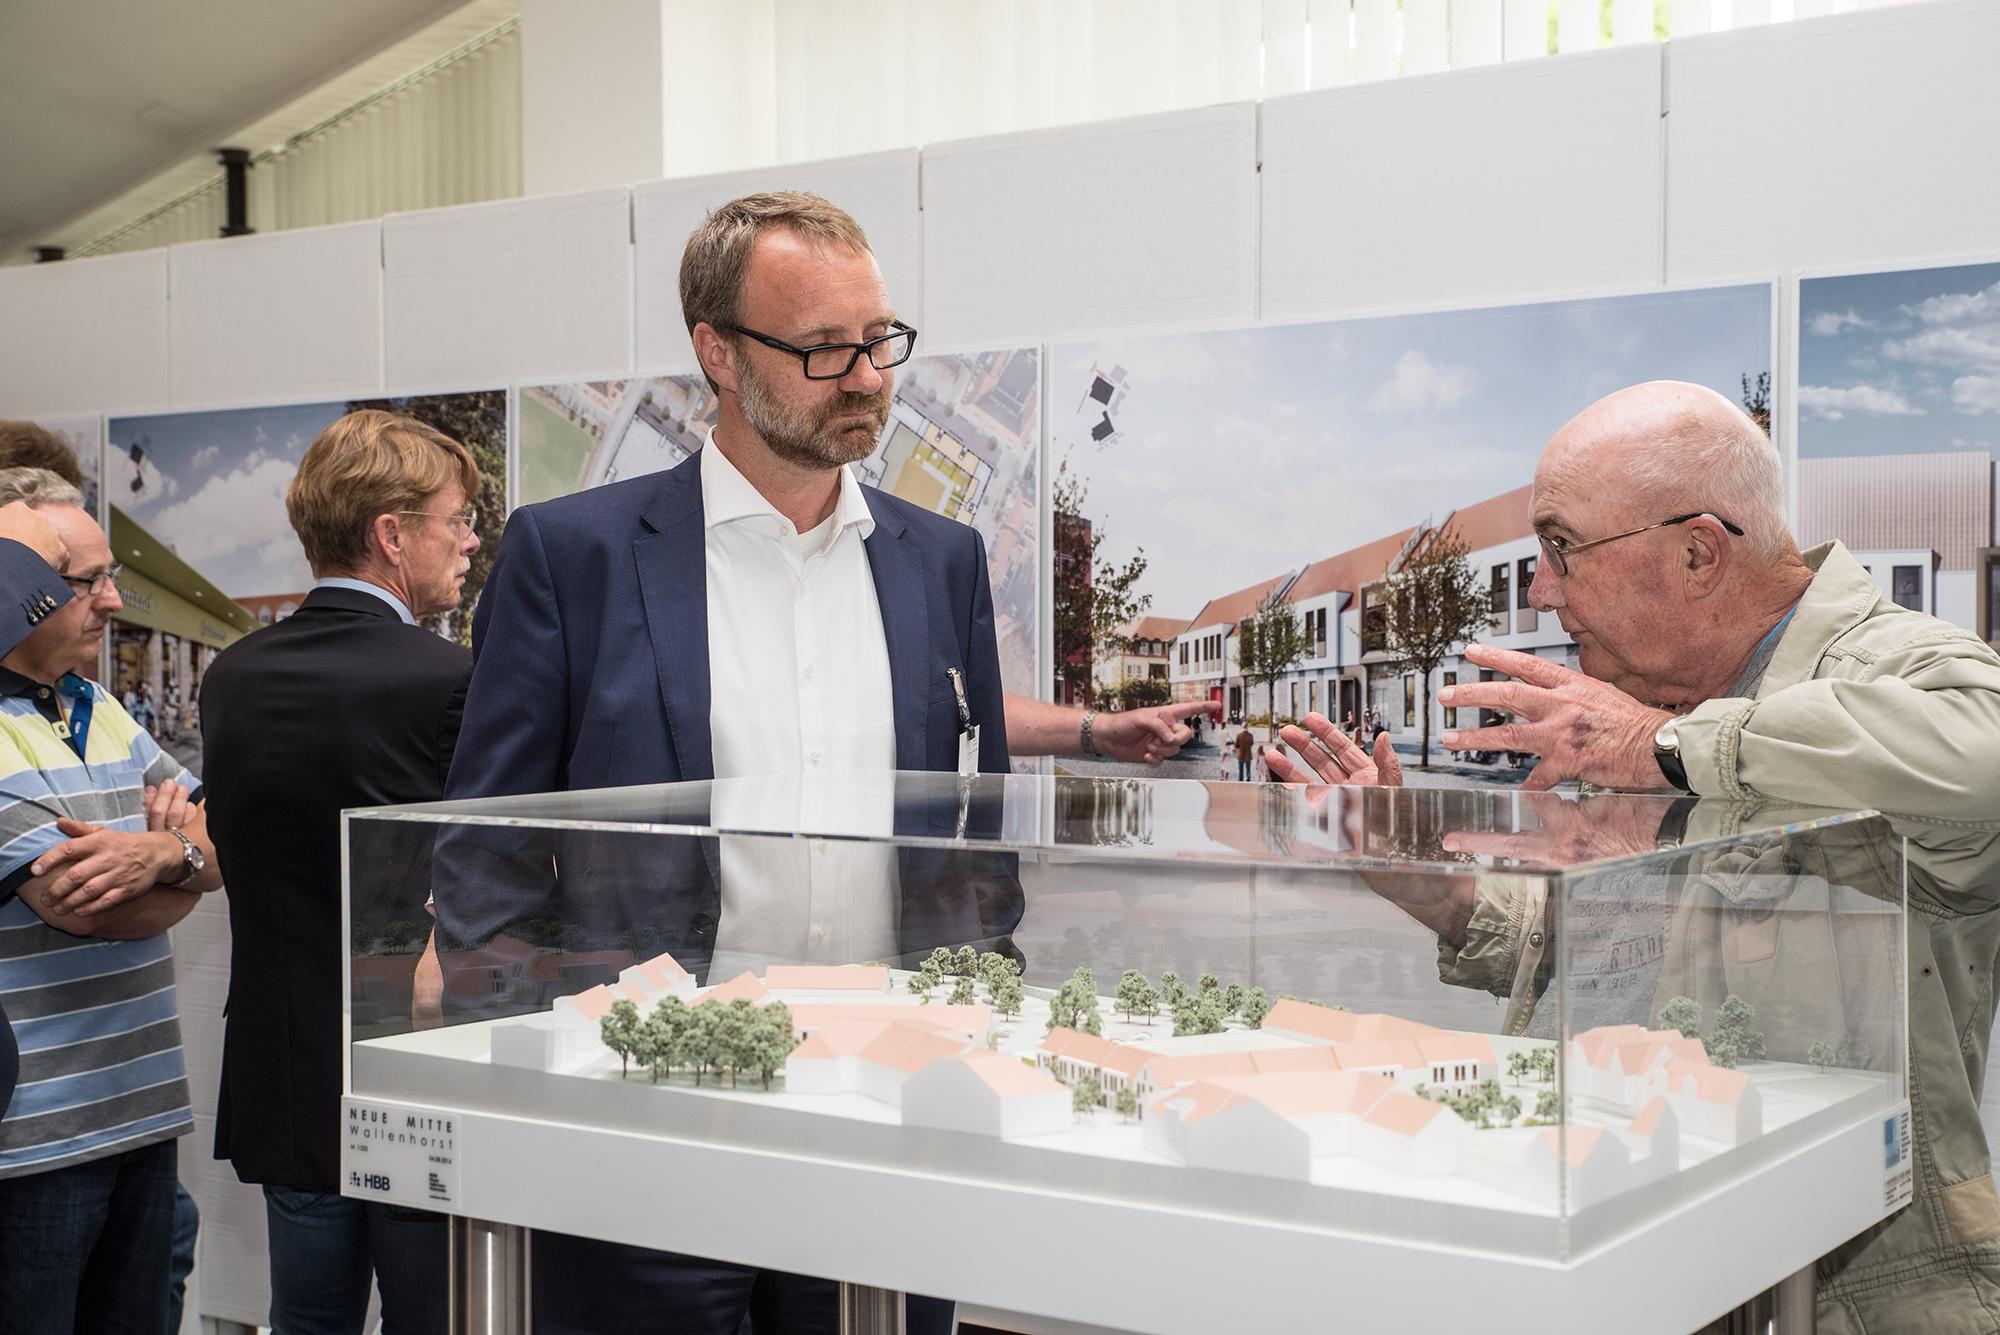 Architekt Wallenhorst informieren um entscheiden zu können